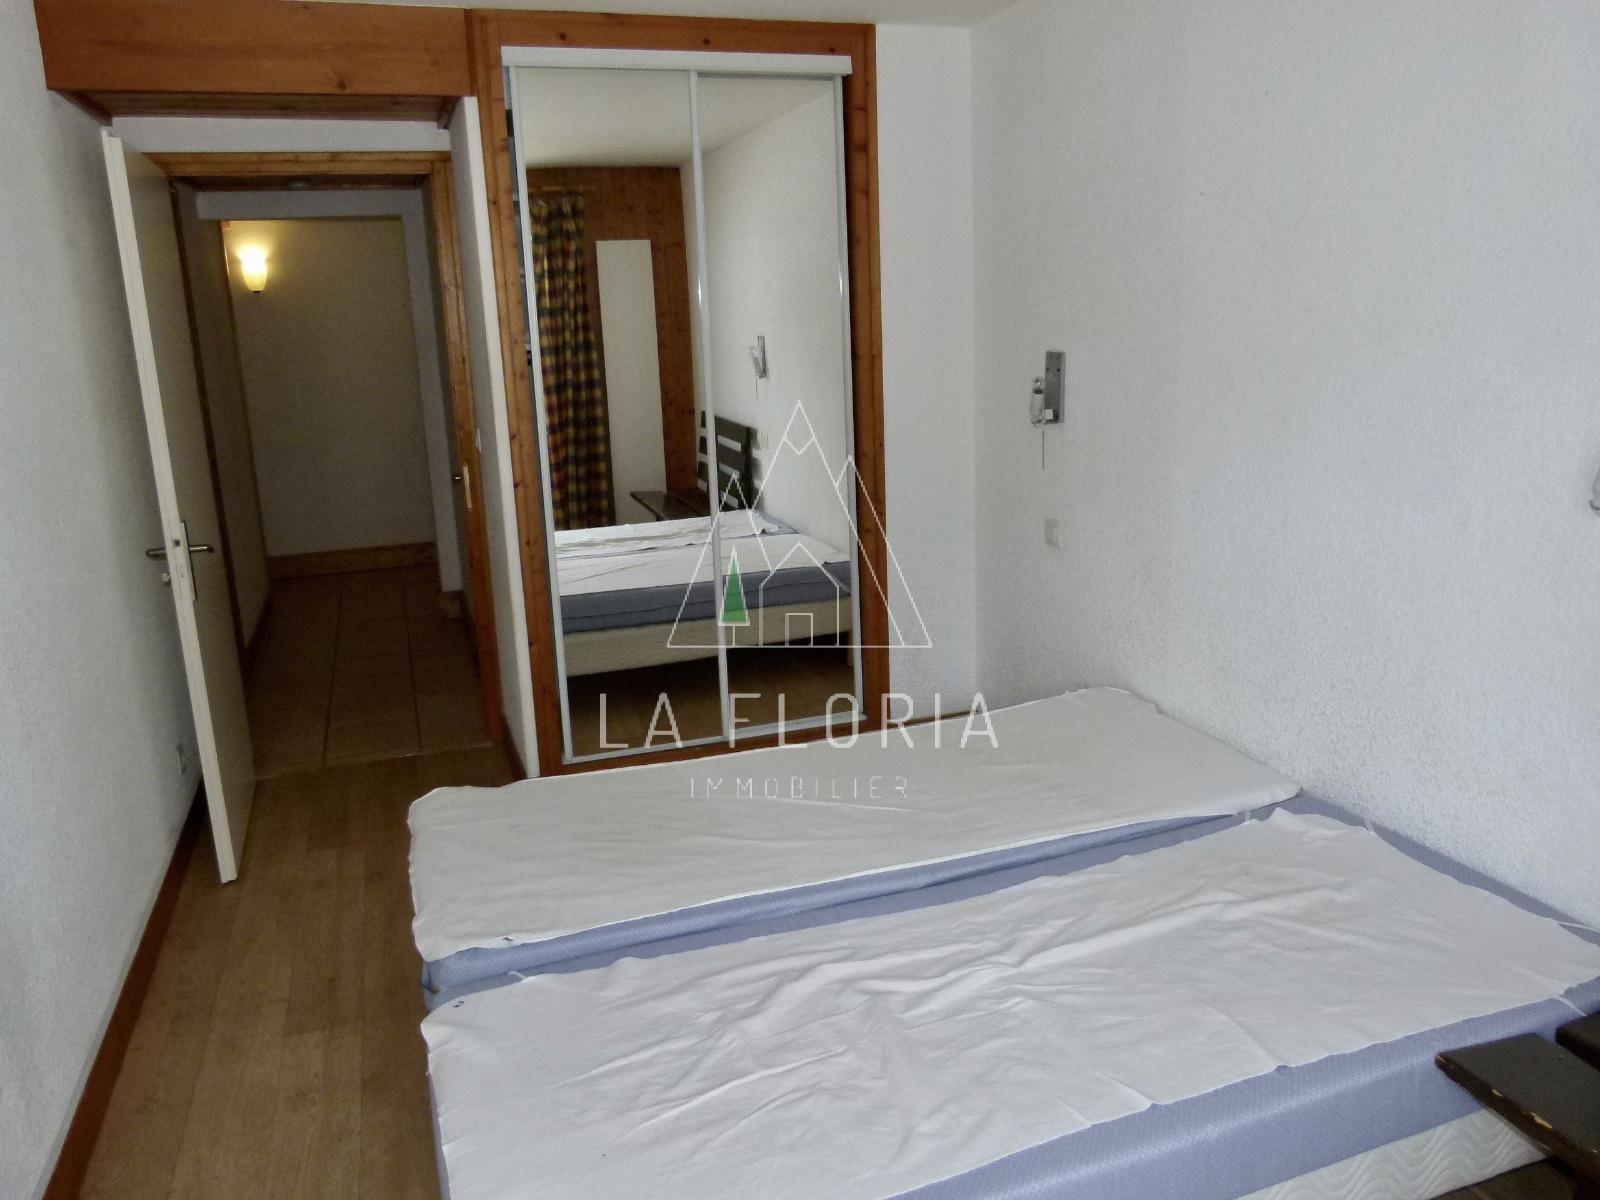 ROOMY 2 BED / 2 BATH APARTMENT, CHAMONIX LES PRAZ